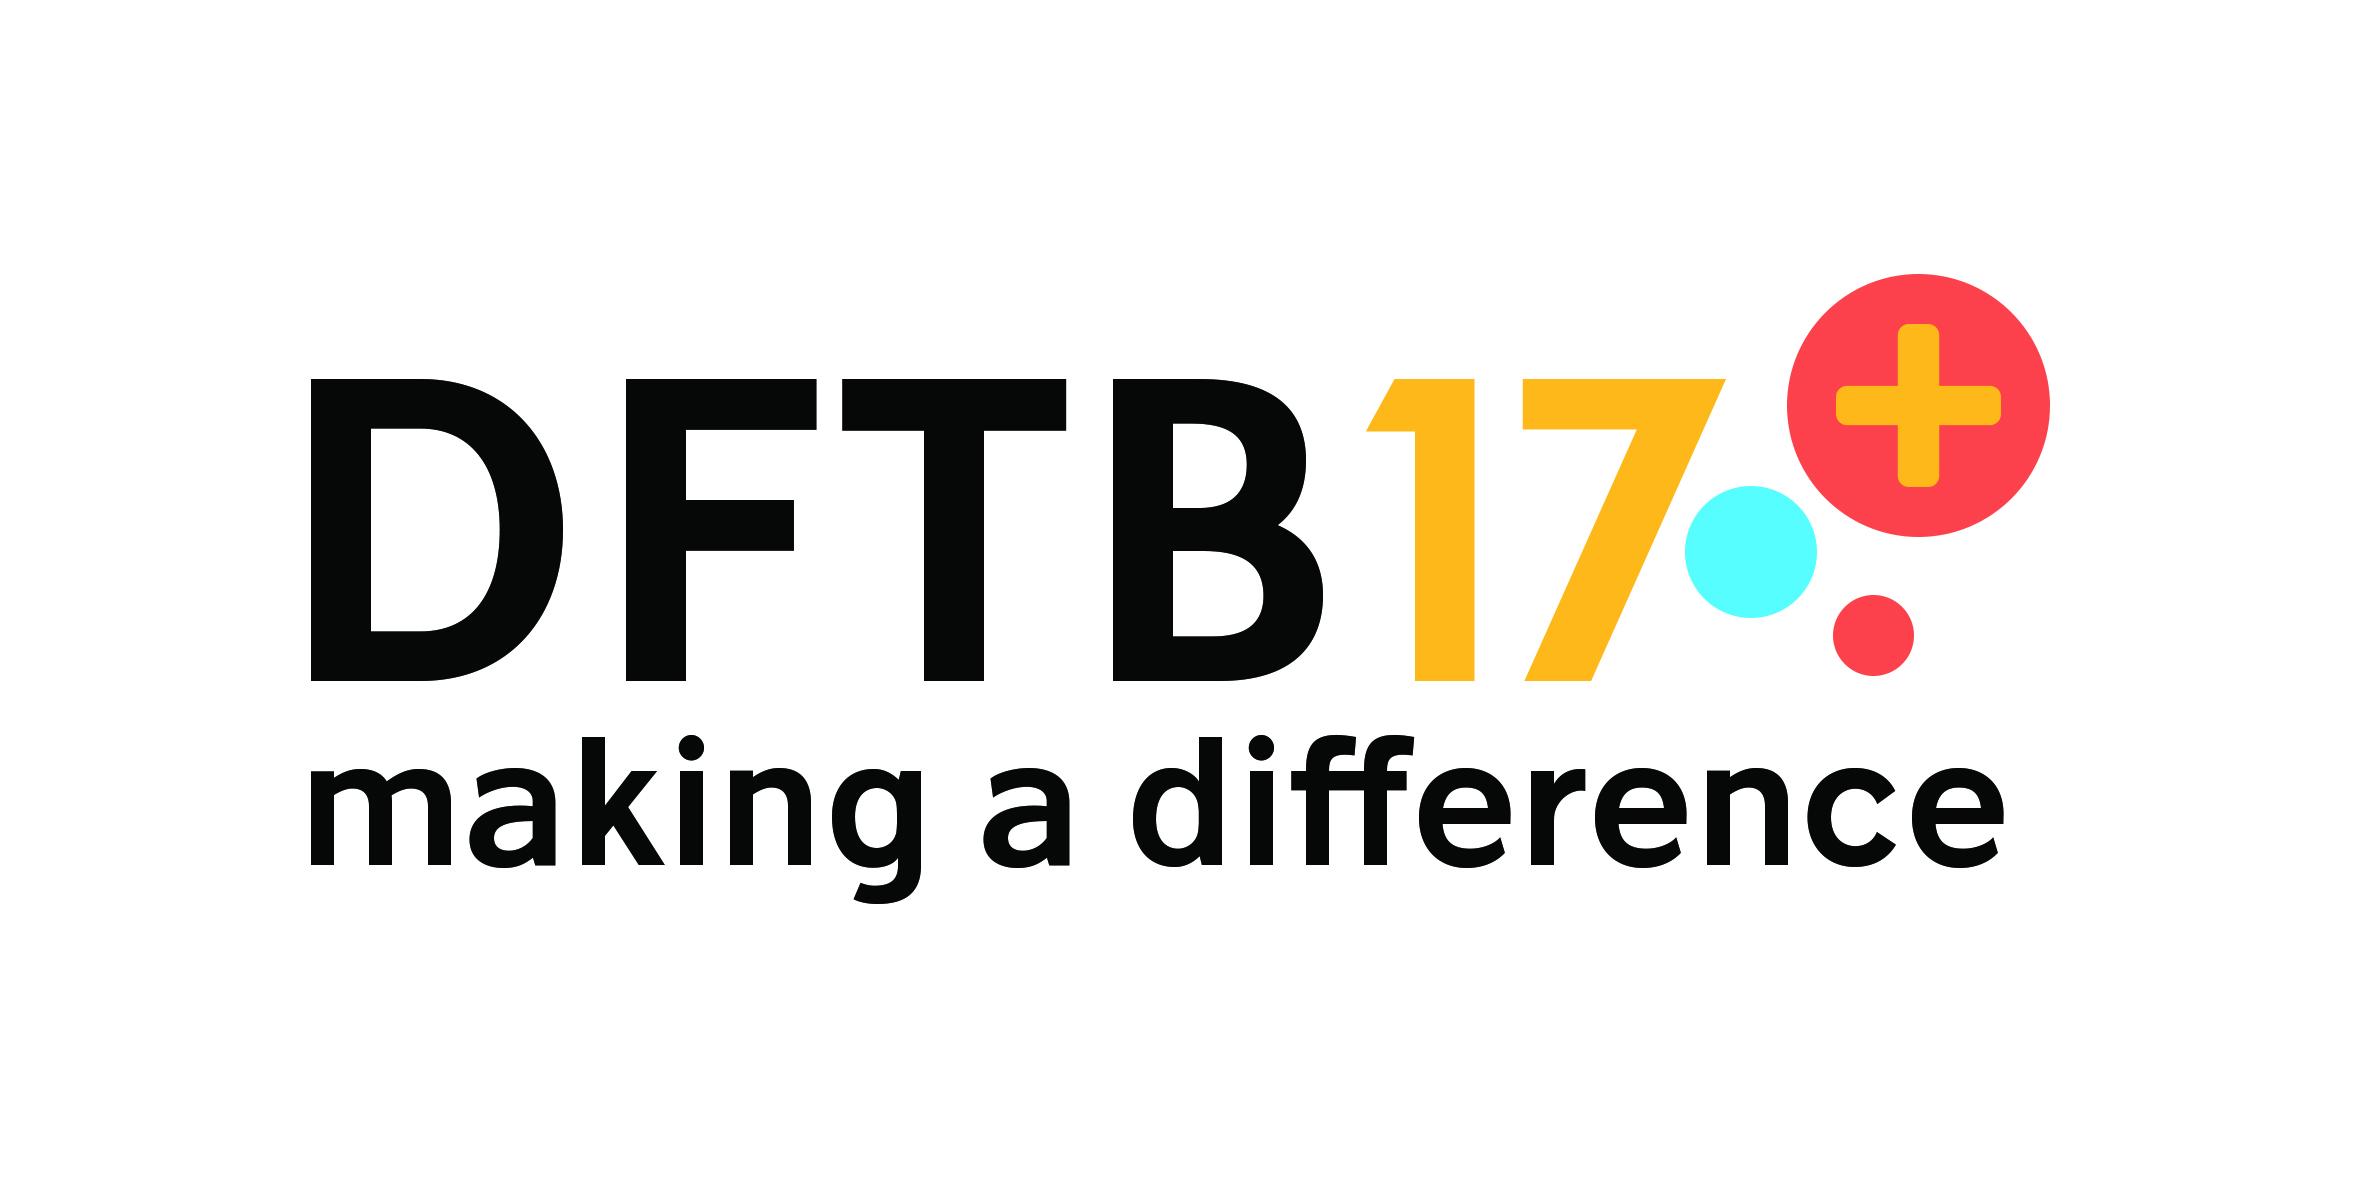 DFTB17